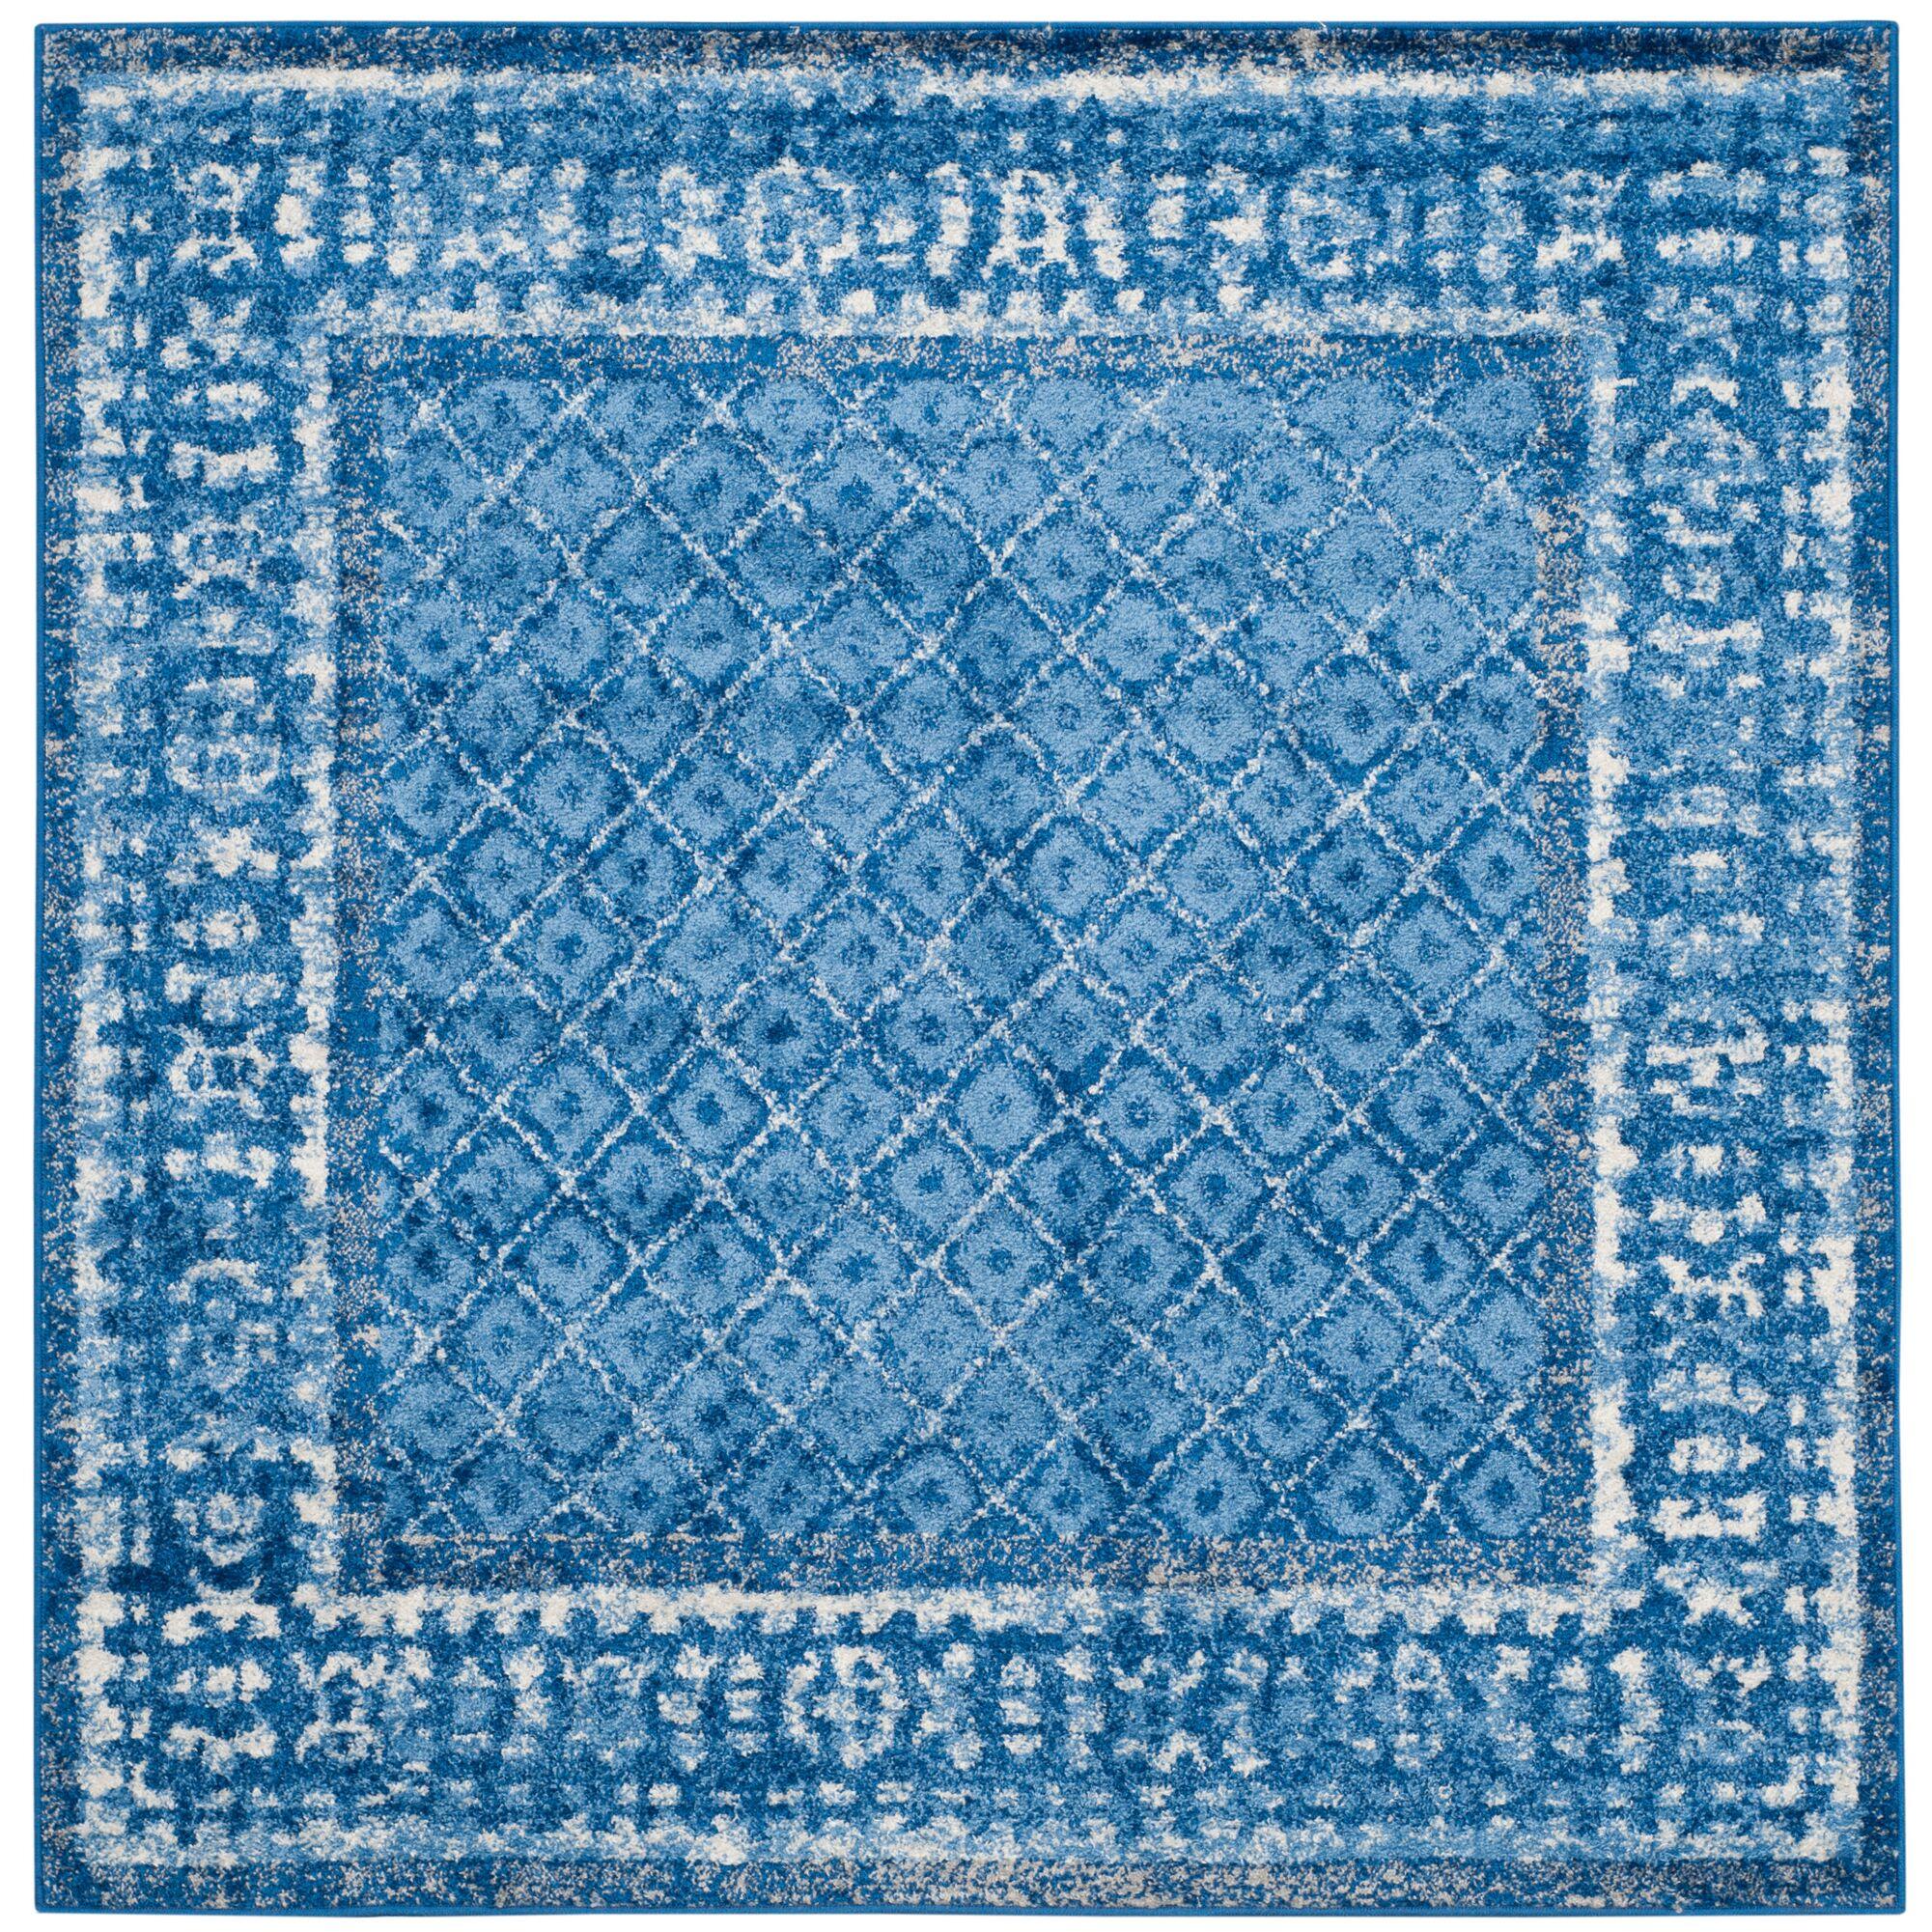 Eugenia Light Blue/Dark Blue Area Rug Rug Size: Square 6'